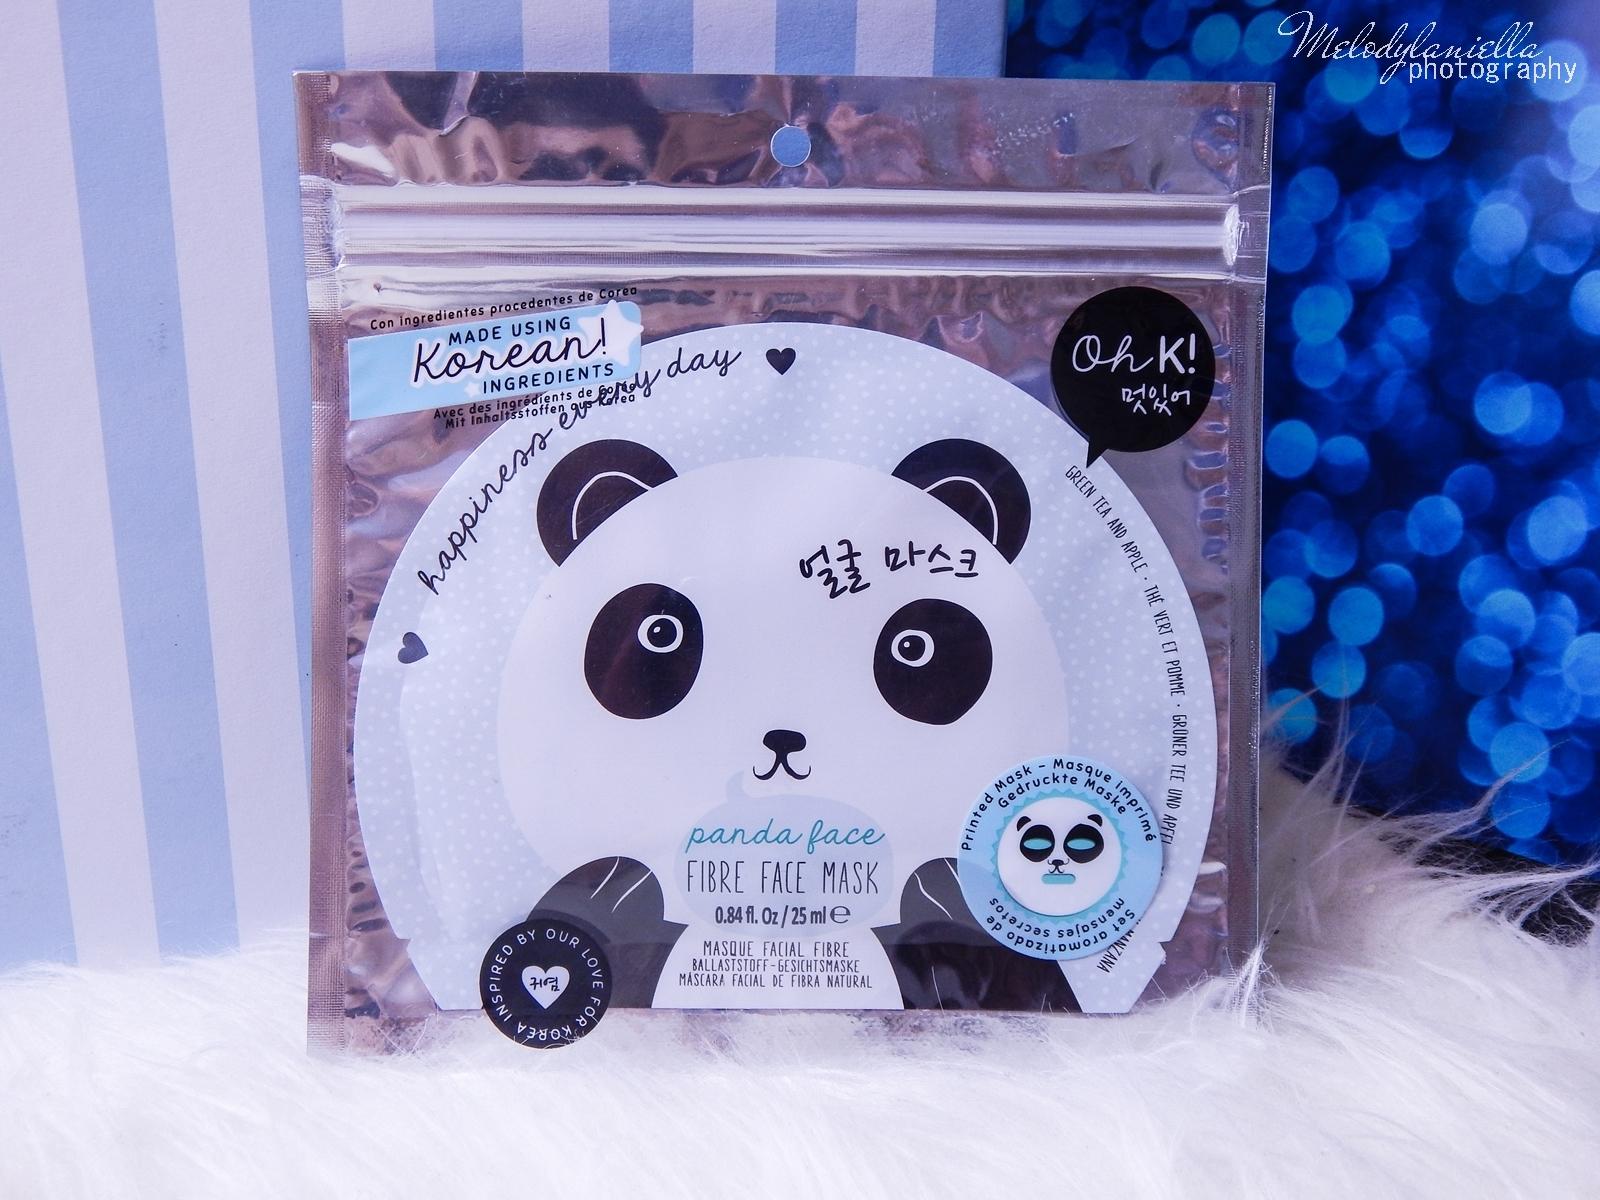 4 Oh! K Life koreańskie kosmetyki i gadżety słodkie dziewczęce dodatki maska do twarzy panda kosmetyczka w kształcie pandy lodowe płatki chłodzące okłady na oczy przeciw sińcom jak pozbyć się sińców pod oczami